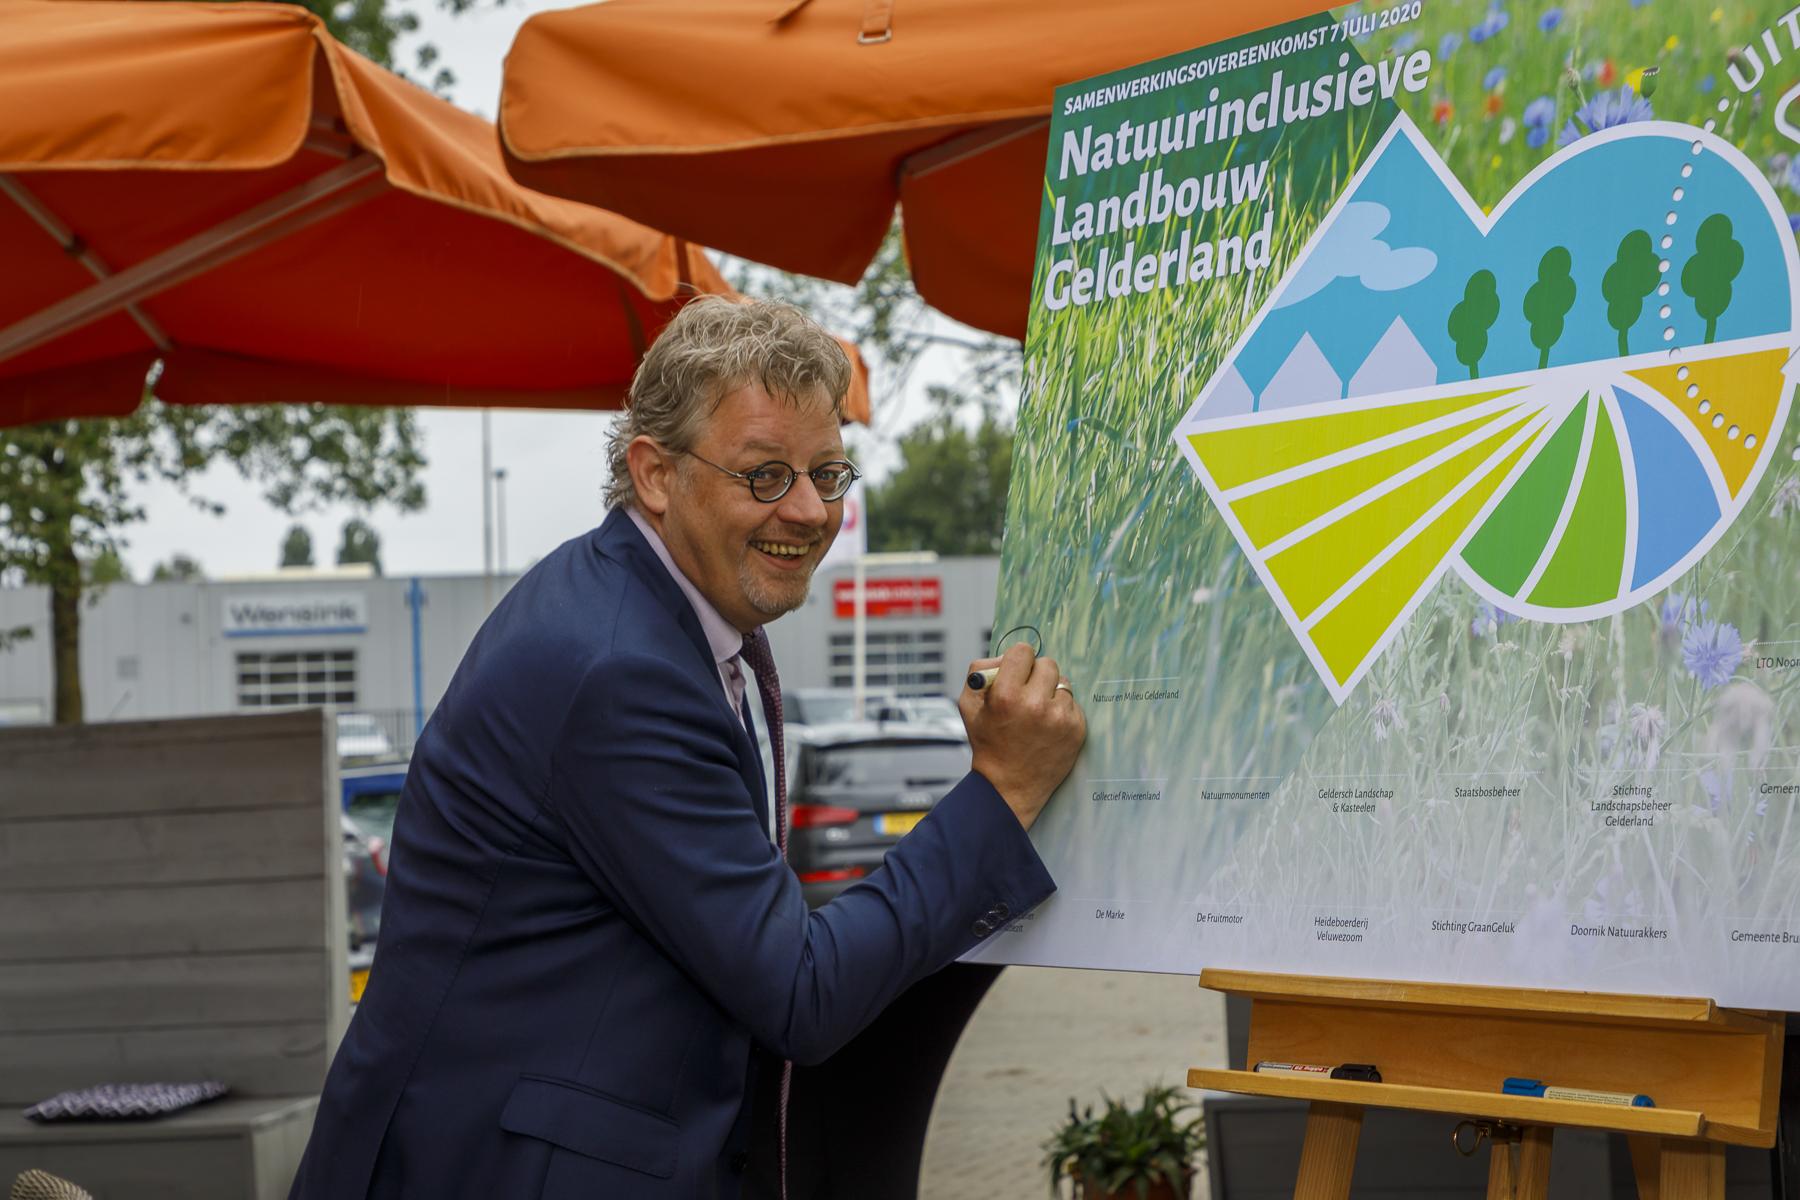 Sterke impuls natuurinclusieve landbouw in Gelderland